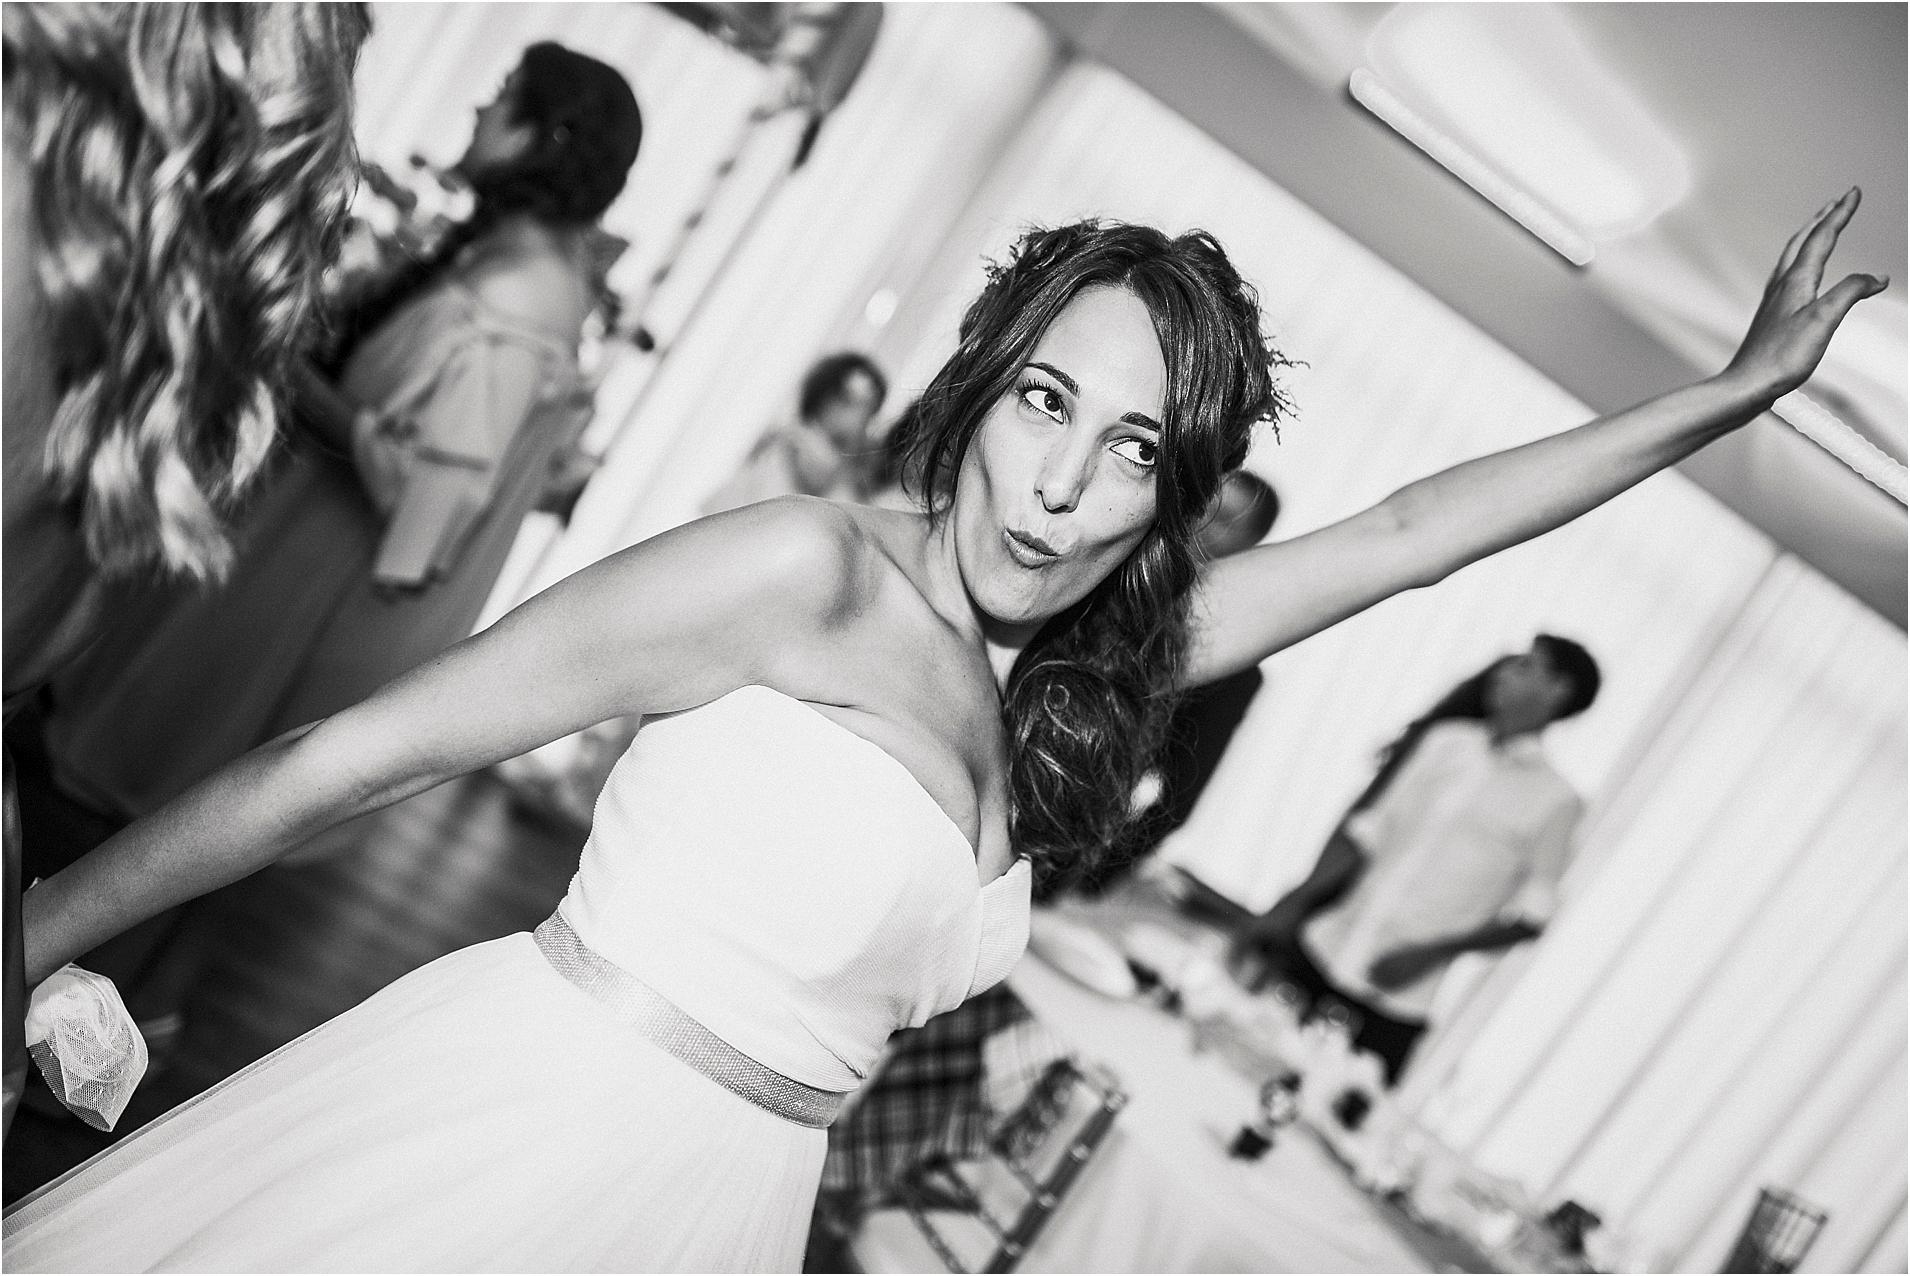 Fotografos-de-boda-donostia-zaragoza-san-sebastian-destination-wedding-photographer-106.jpg